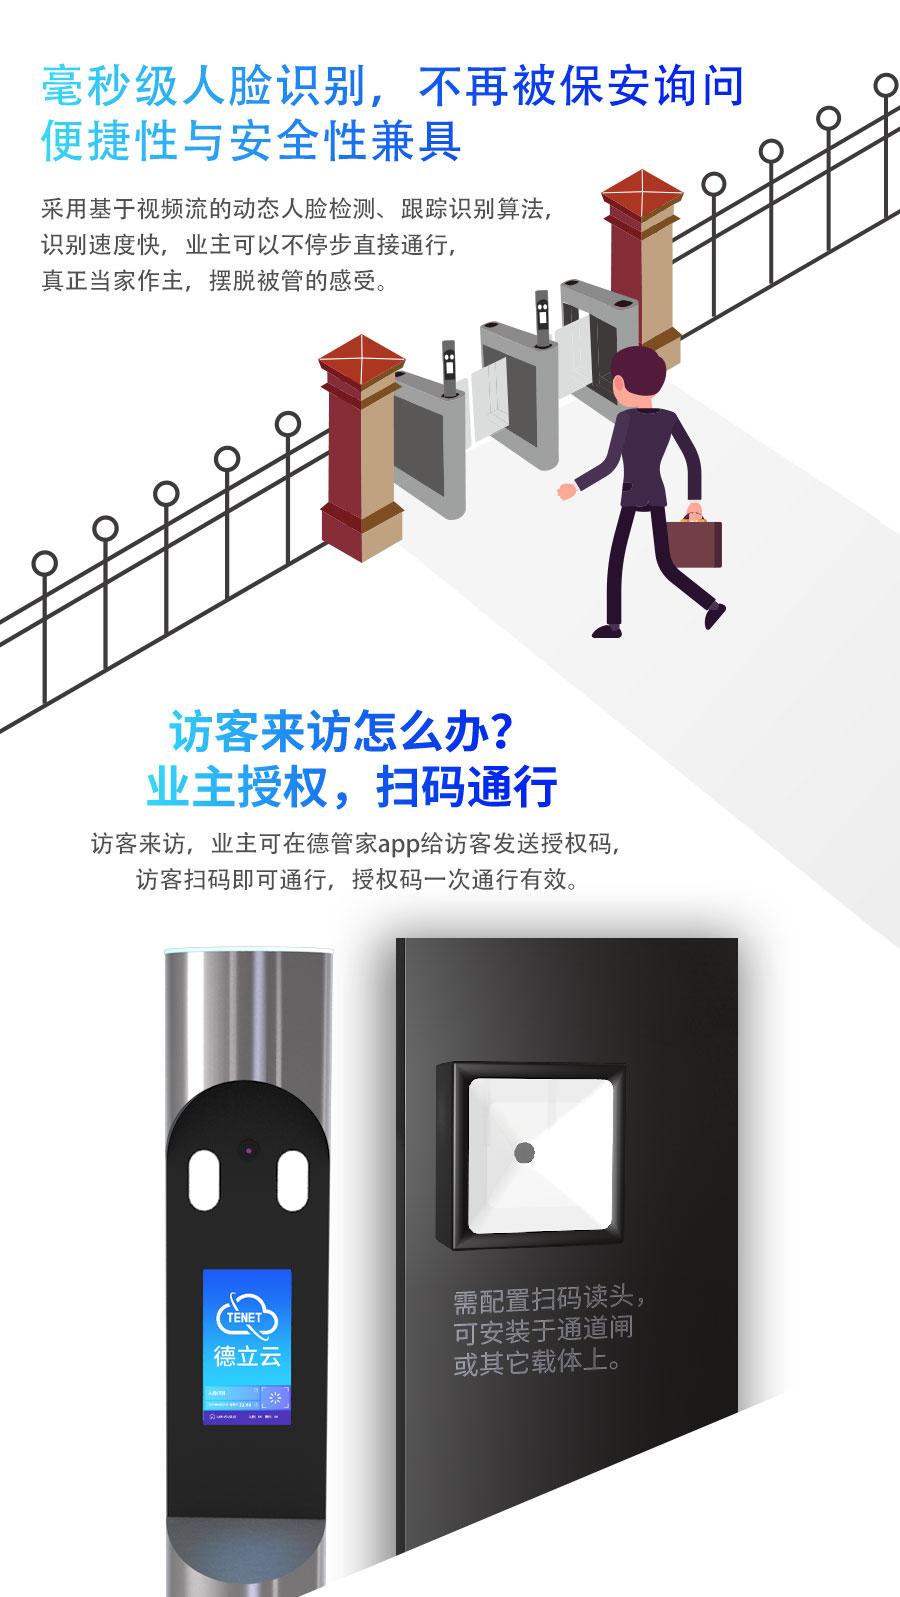 人脸识别控制器TAC-3500产品详情页_03.jpg